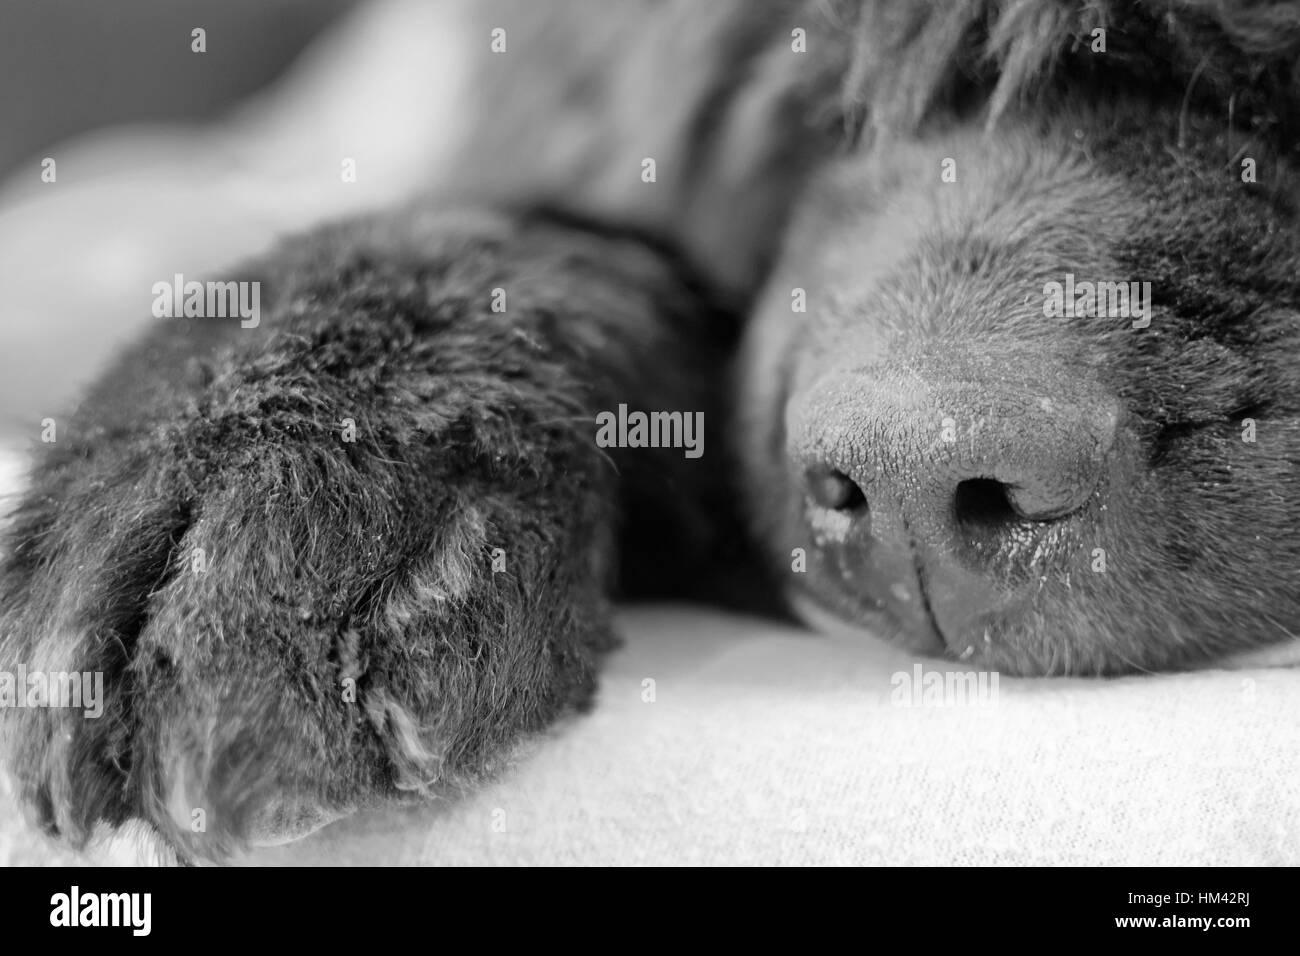 Close up of Newfoundland dog. Black and white image. - Stock Image